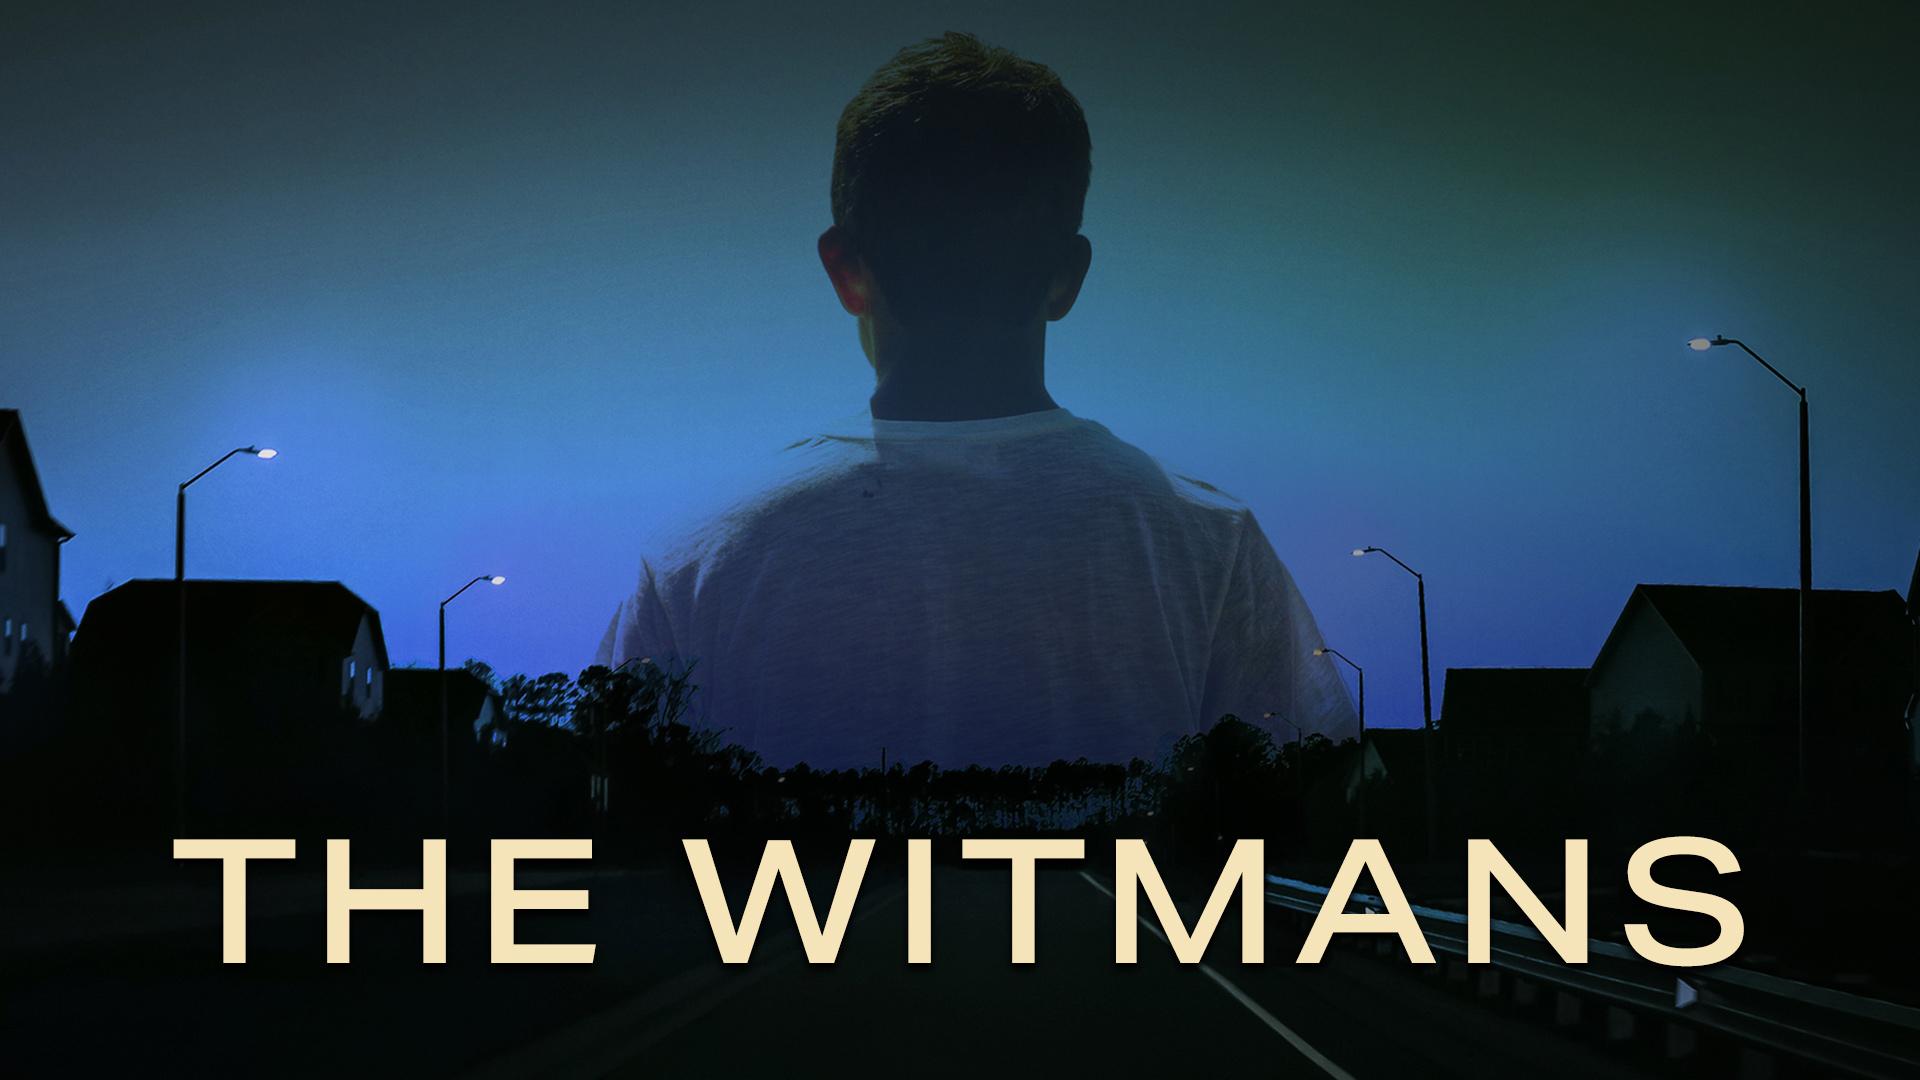 The Witmans - Season 1